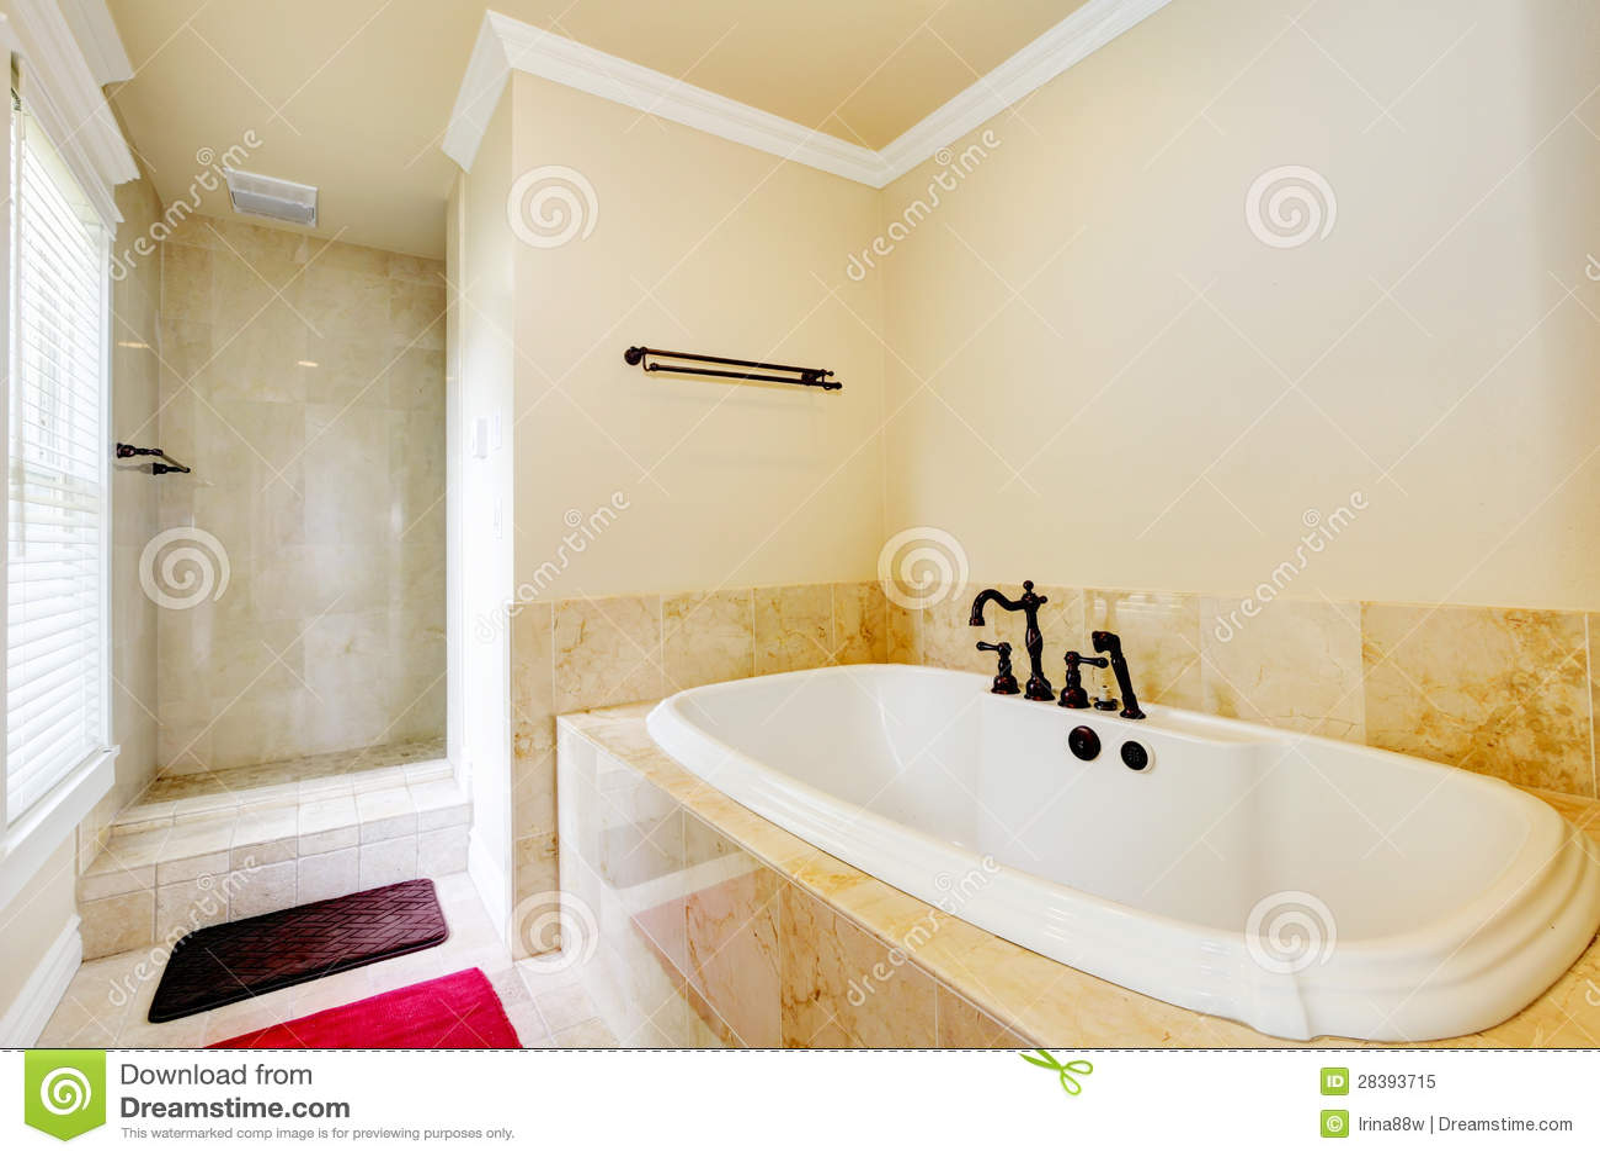 Diseno De Baños Sin Tina:Nice Empty Bathroom